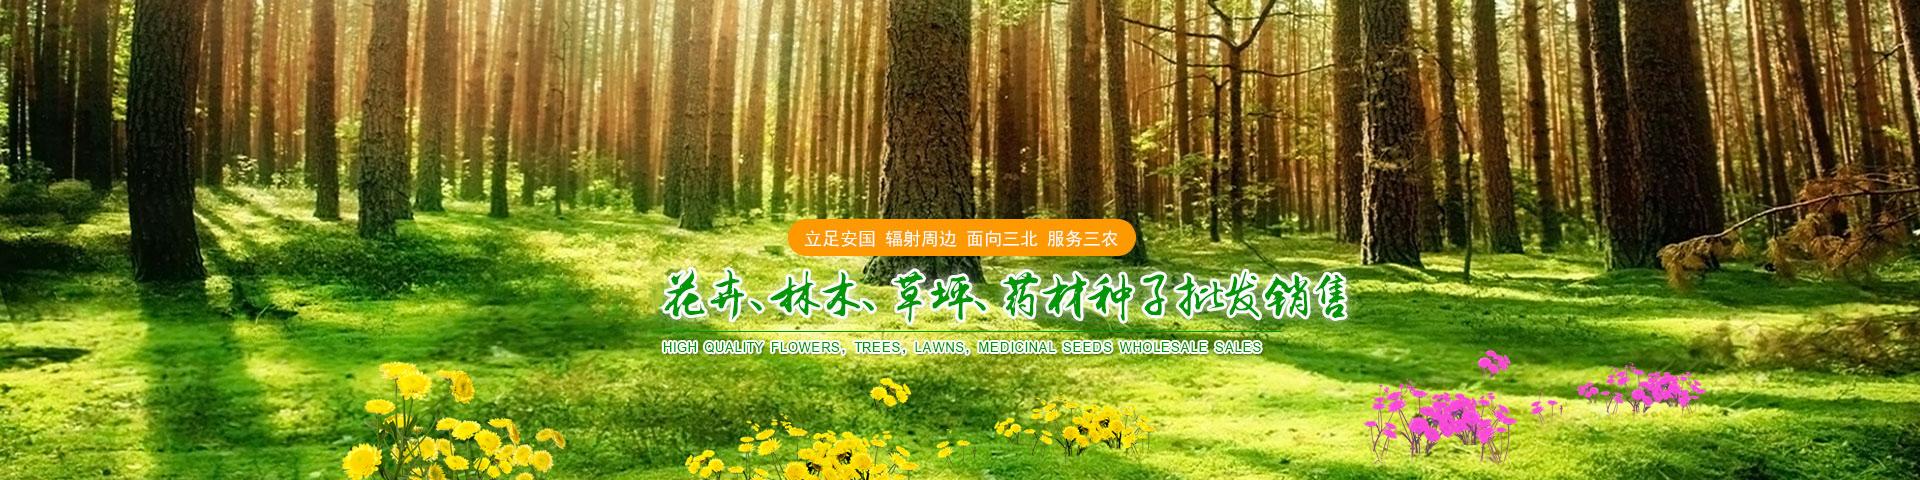 林木种子价格